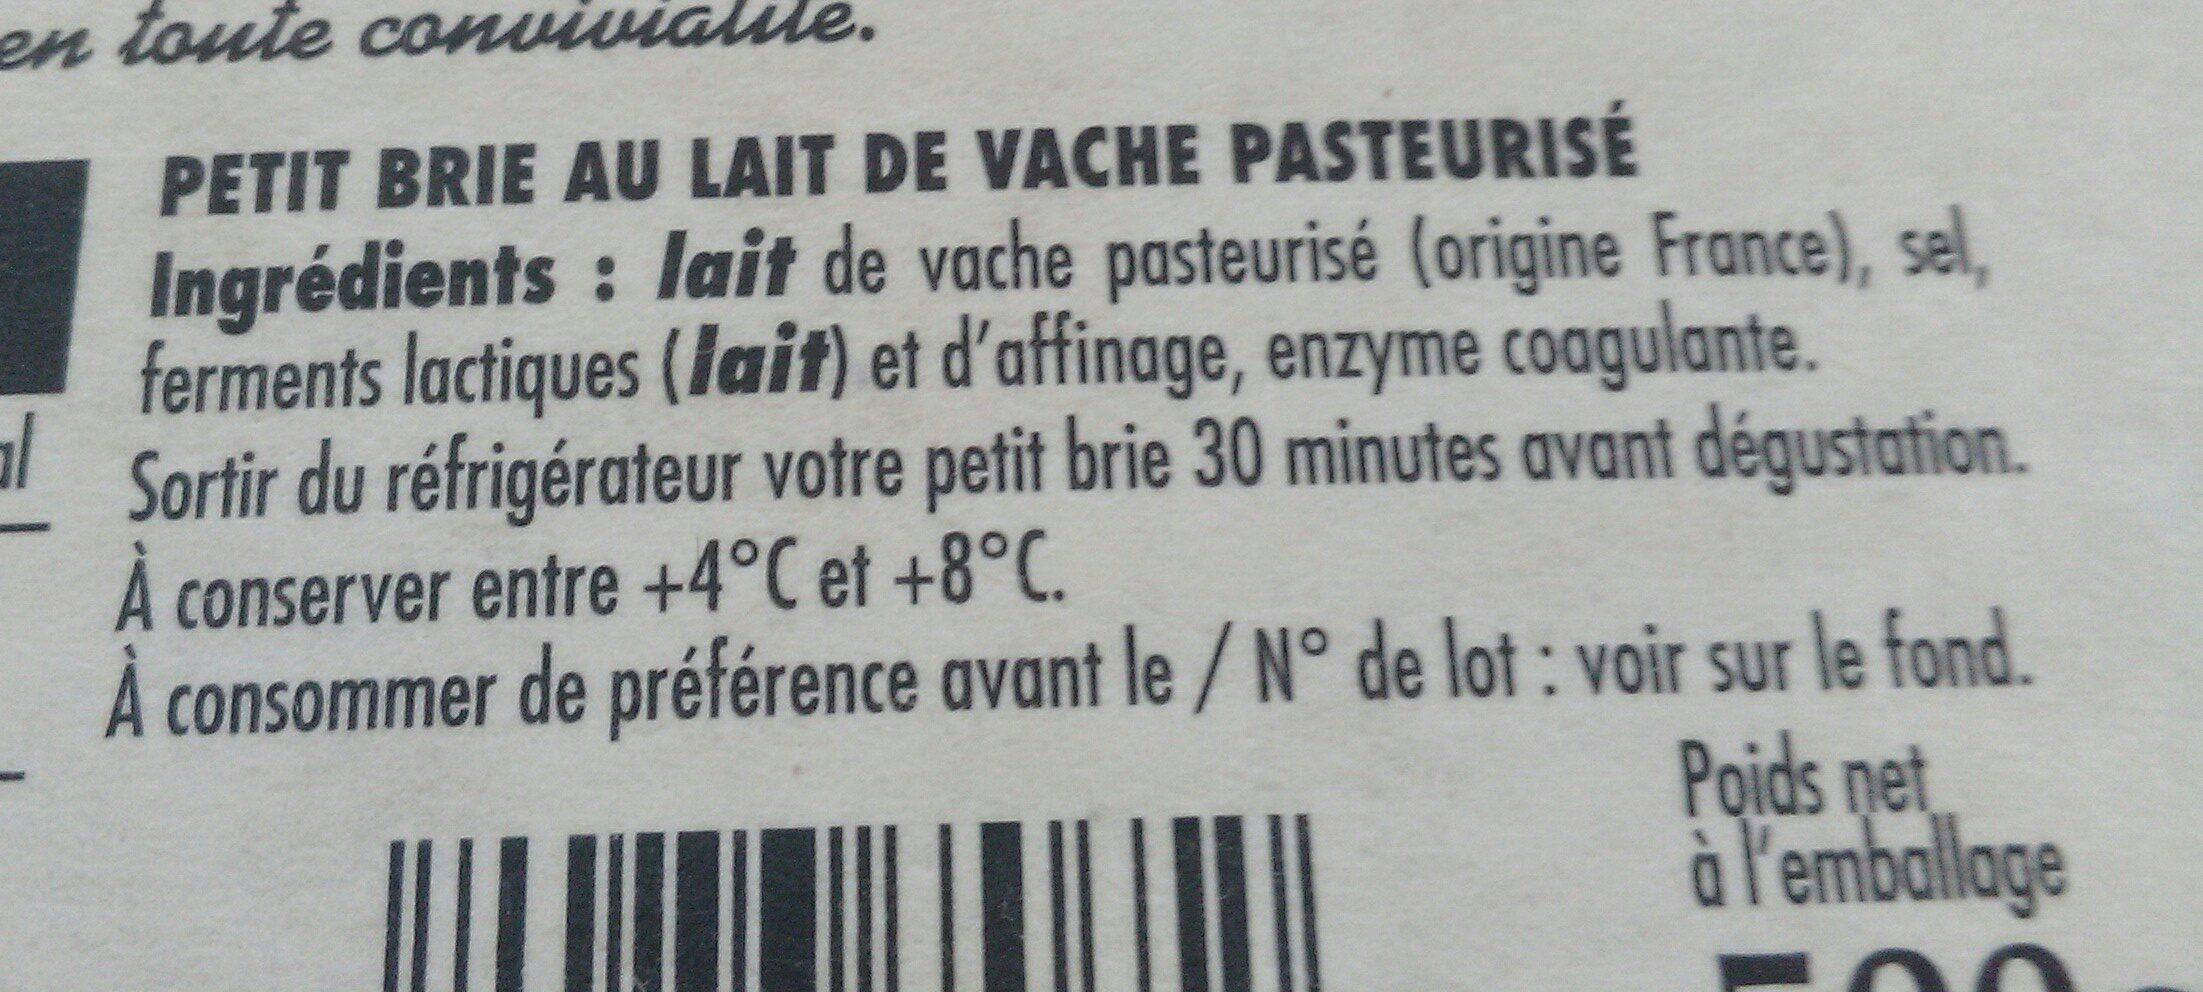 Petit brie - Ingrédients